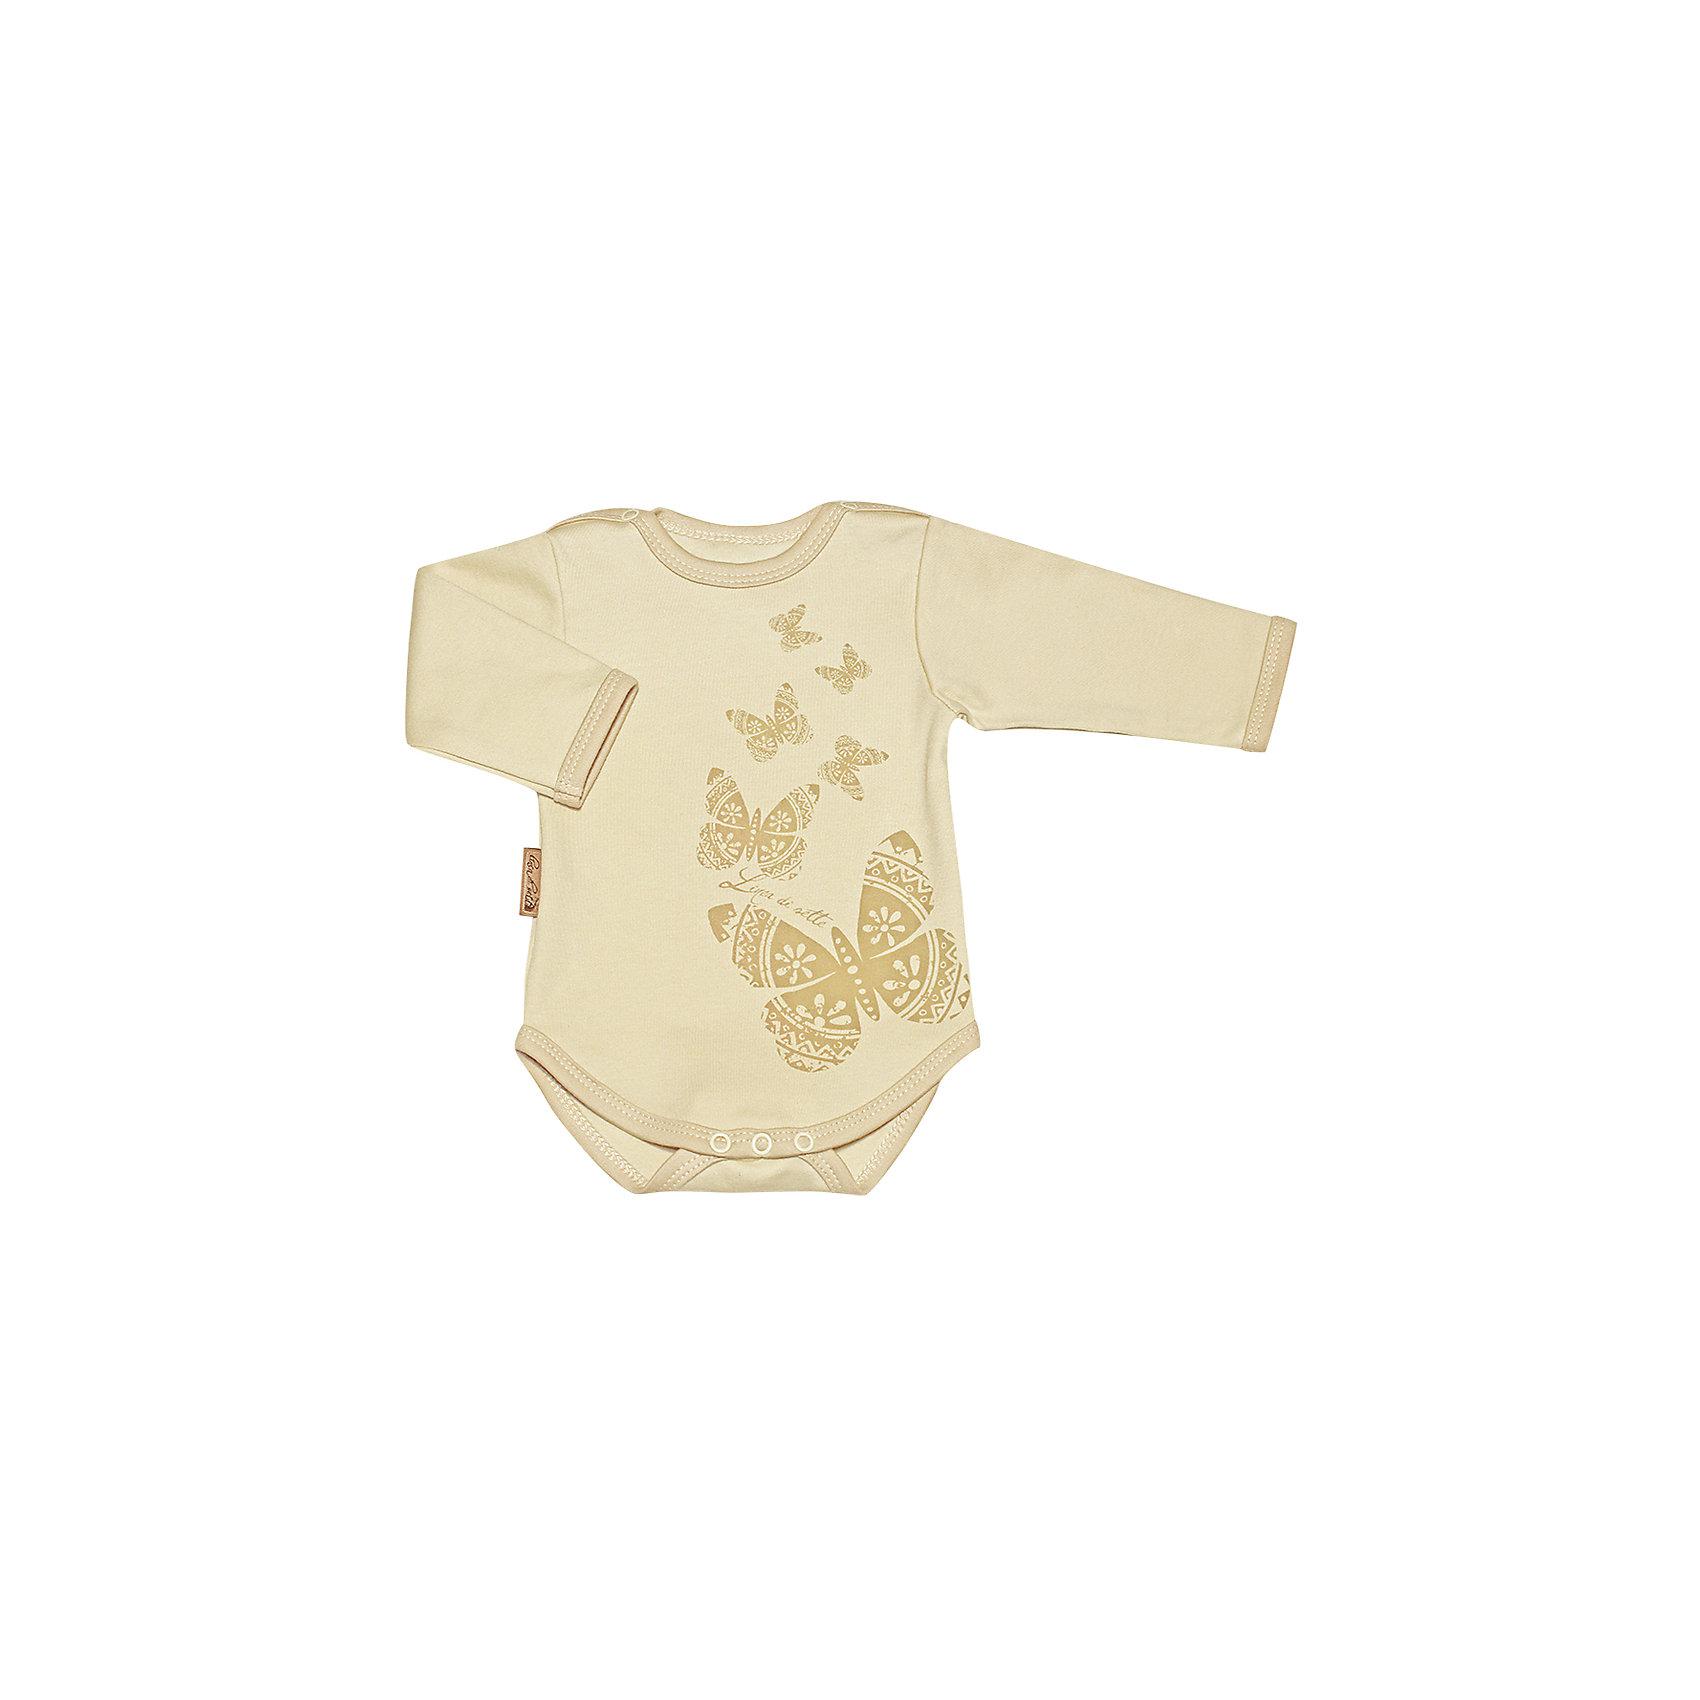 Боди Бабочка  Linea di setteБоди Linea di sette с длинными рукавами. Кнопочная застежка на плечиках и по низу изделияпозволят быстро одеть или сменить подгузник малышу. Принт выполнен безопасными водными красками.<br>Состав:<br>cotton organic 100%; Материал: интерлок высшего качества-пенье, 100%; органический хлопок.<br><br>Ширина мм: 157<br>Глубина мм: 13<br>Высота мм: 119<br>Вес г: 200<br>Цвет: бежевый<br>Возраст от месяцев: 3<br>Возраст до месяцев: 6<br>Пол: Унисекс<br>Возраст: Детский<br>Размер: 80,68,56,62,86,74<br>SKU: 4632471